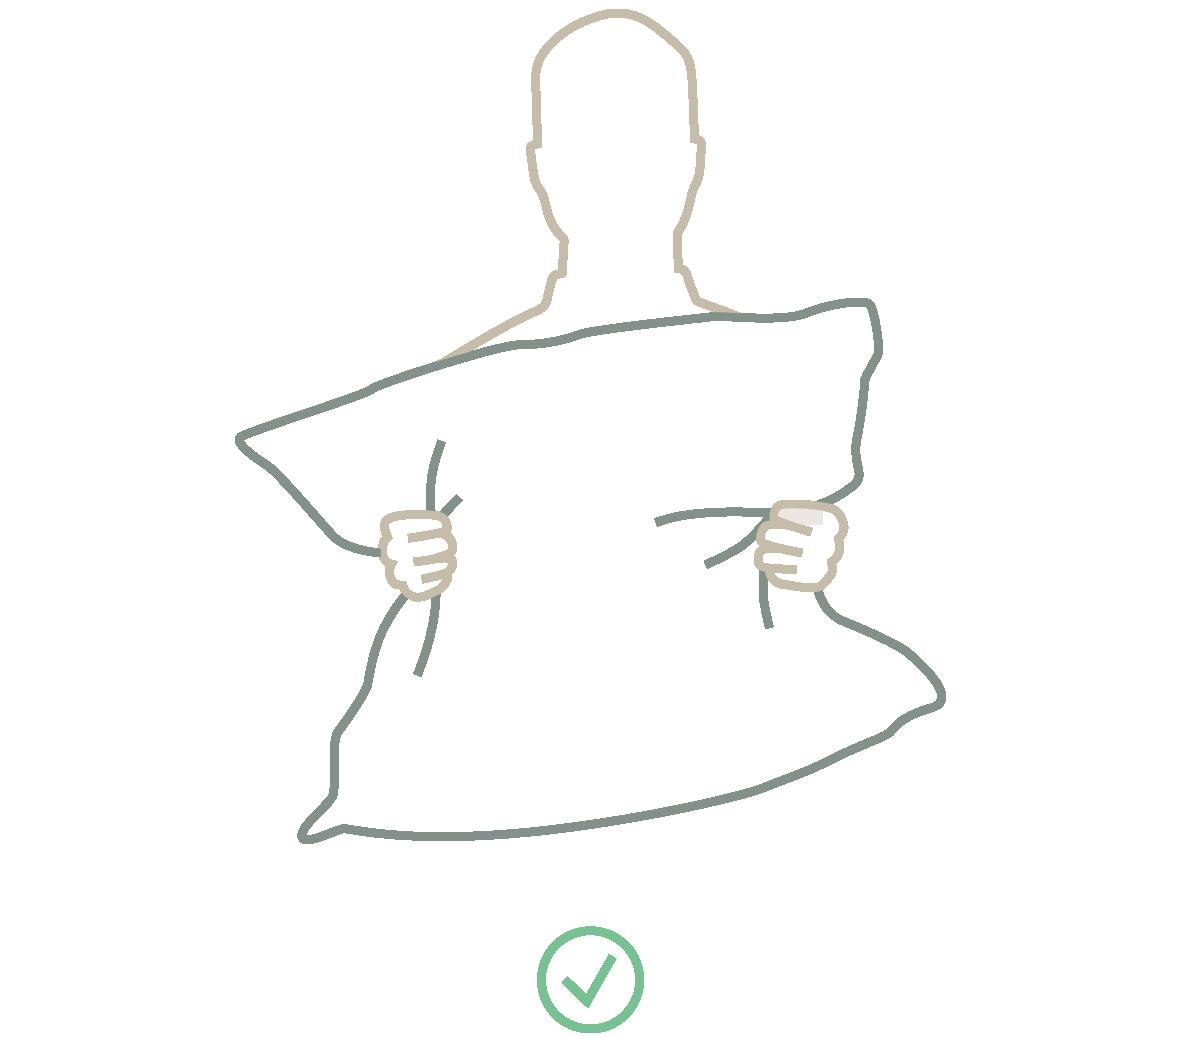 Stilisierte Darstellung zum Kopfkissenaufschütteln bei der Daunenpflege